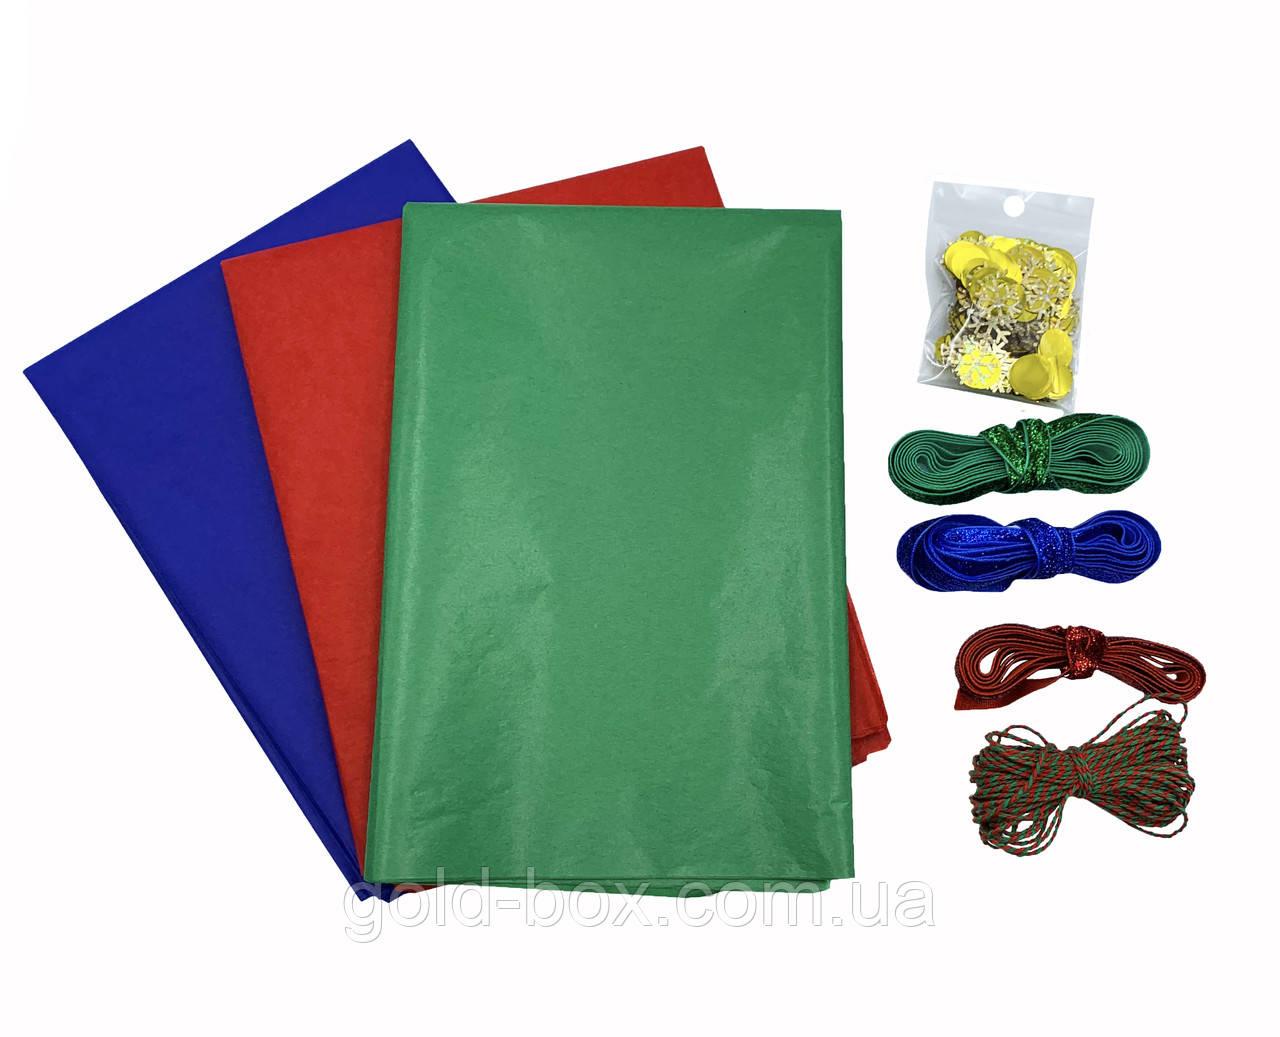 Новогодний набор бумаги тишью 30 листов +3 ленты, бечёвка и конфетти